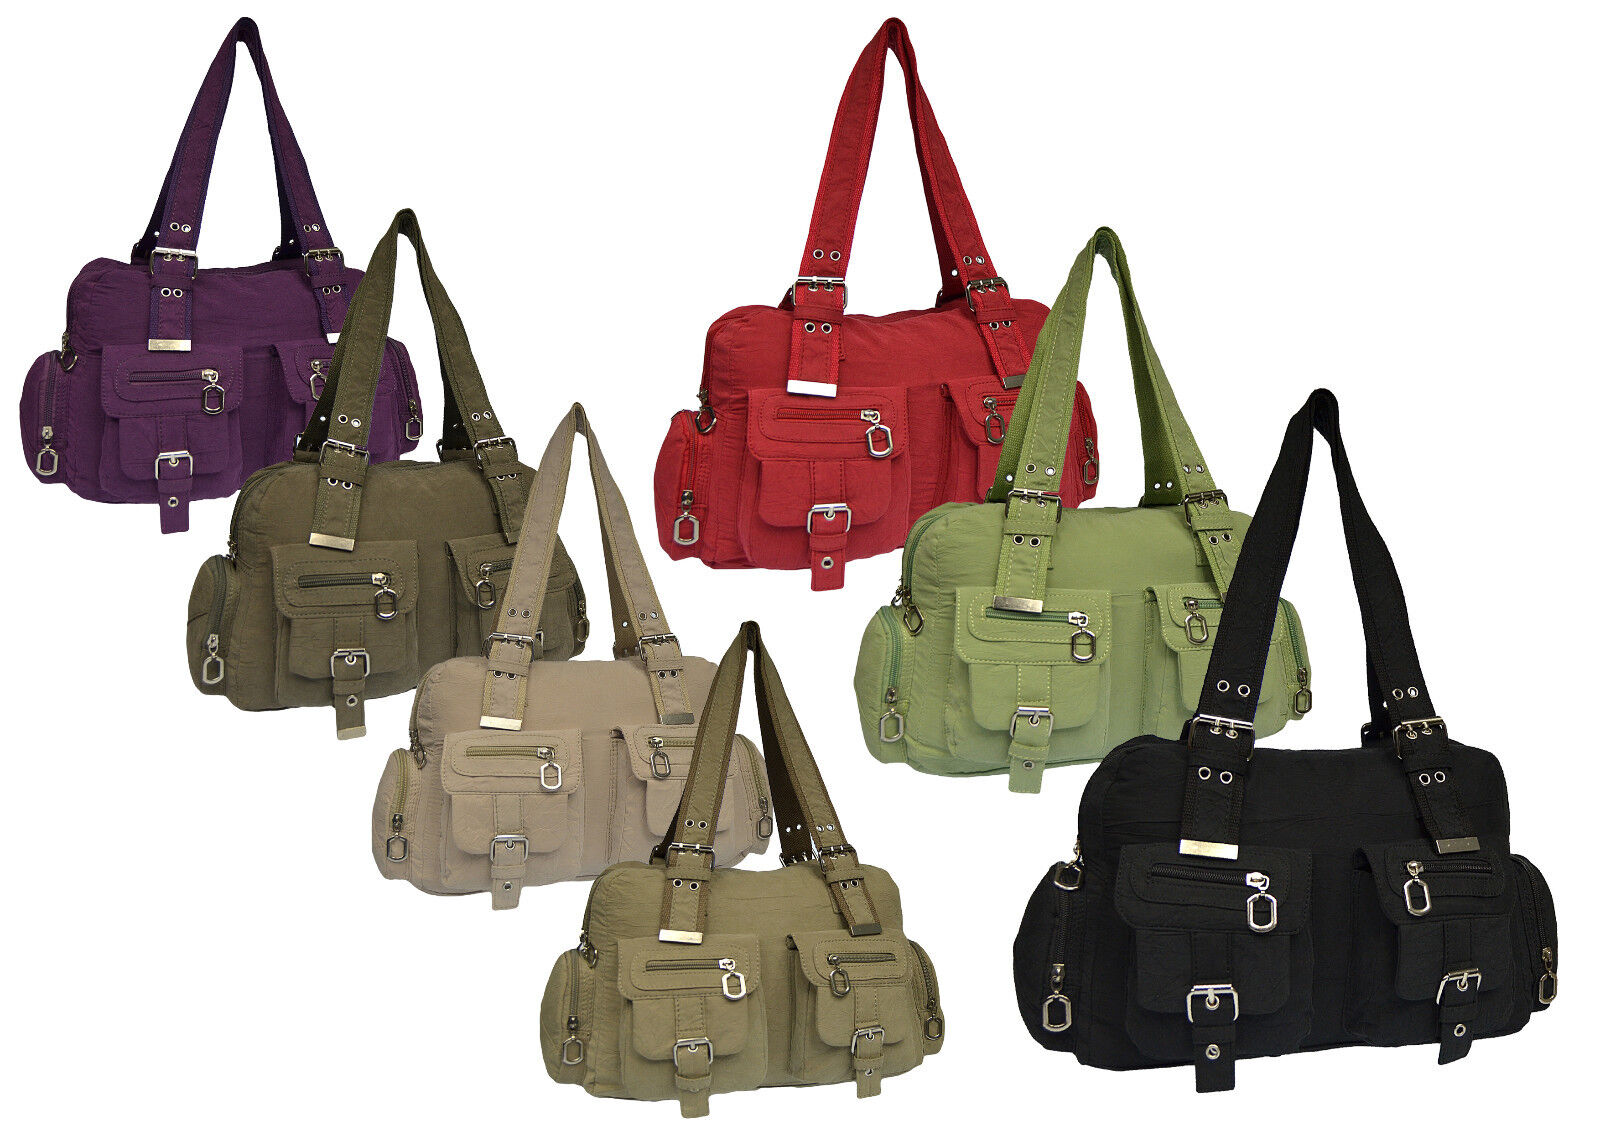 Sportliche Damentasche Shopper Henkeltasche Trage-Tasche Handtasche Stofftasche